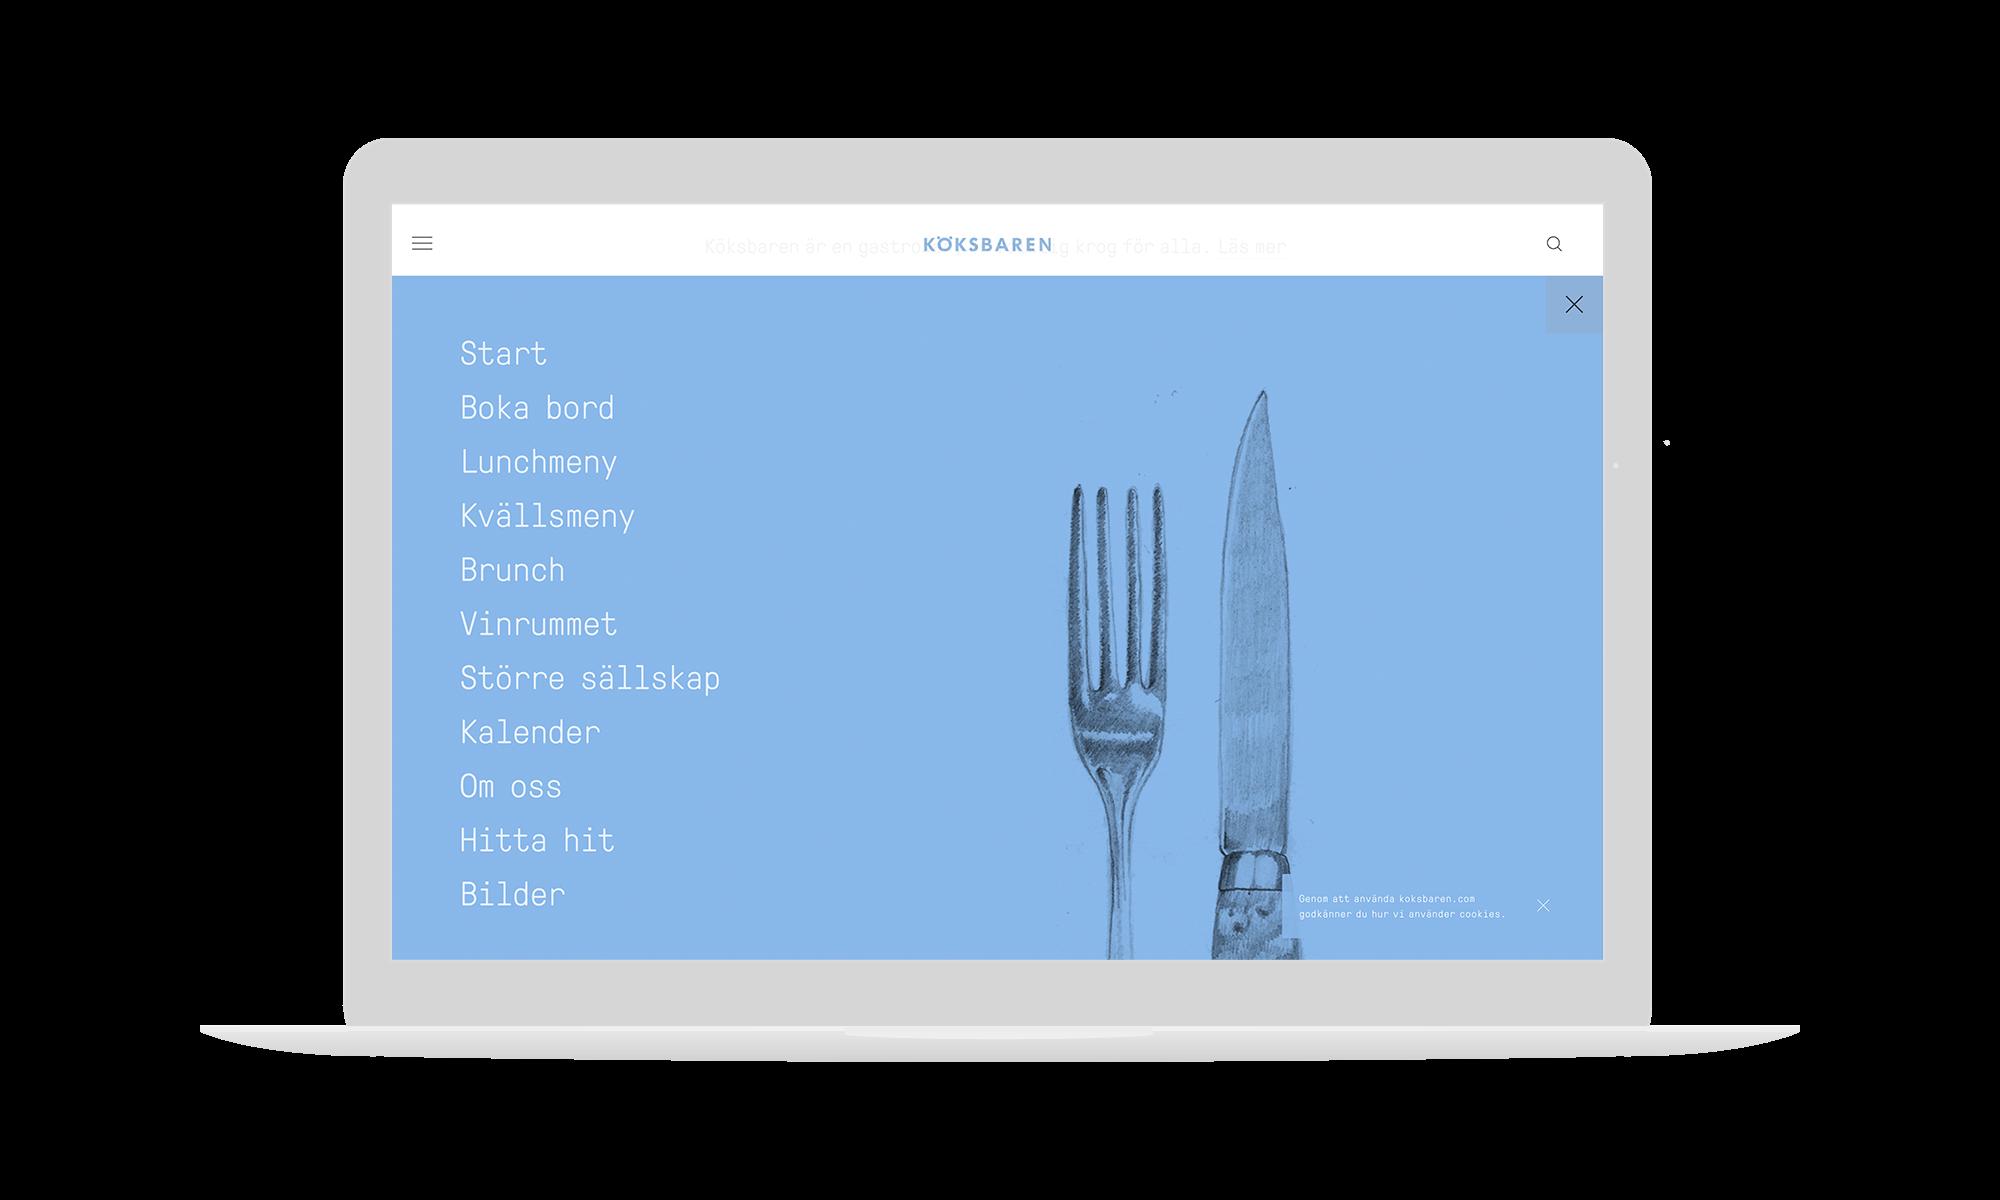 koksbaren.com